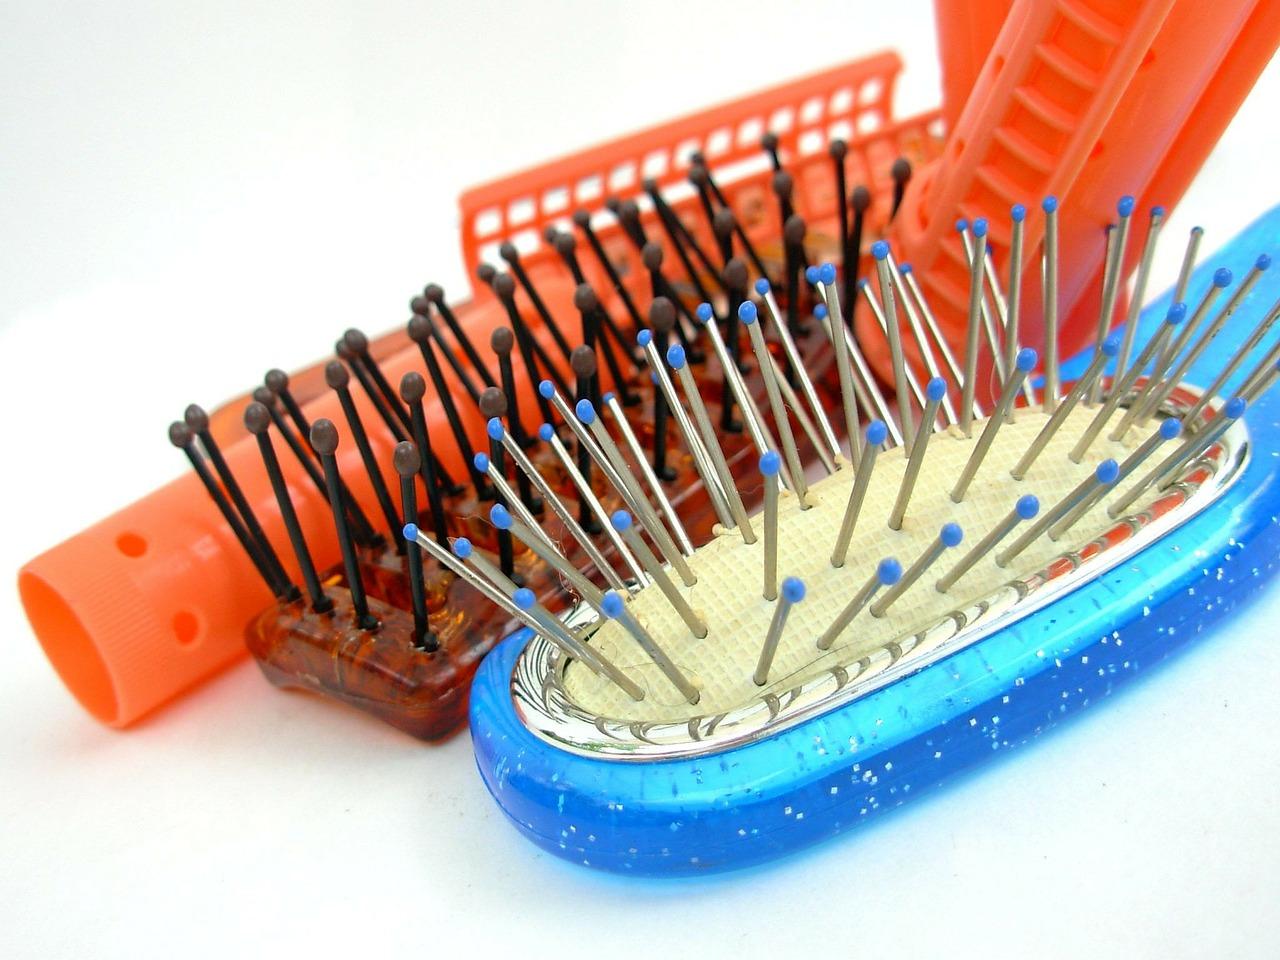 hairbrush-349563_1280